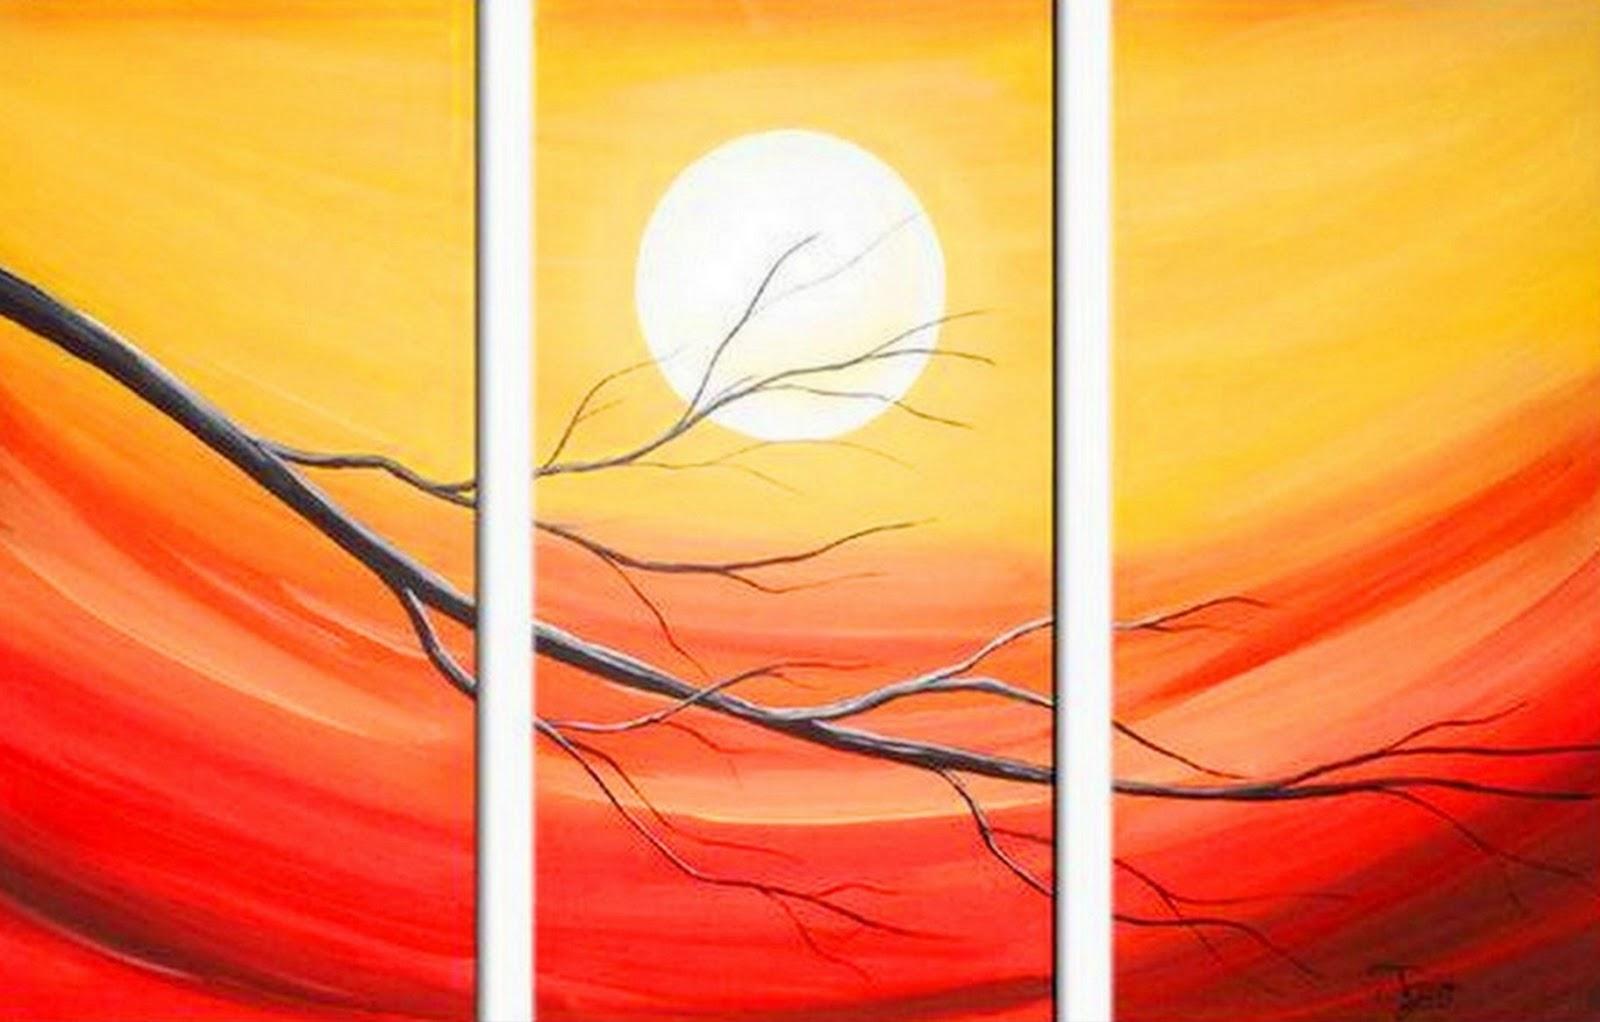 Pintura moderna y fotograf a art stica pinturas al leo for Imagenes de cuadros abstractos faciles de hacer